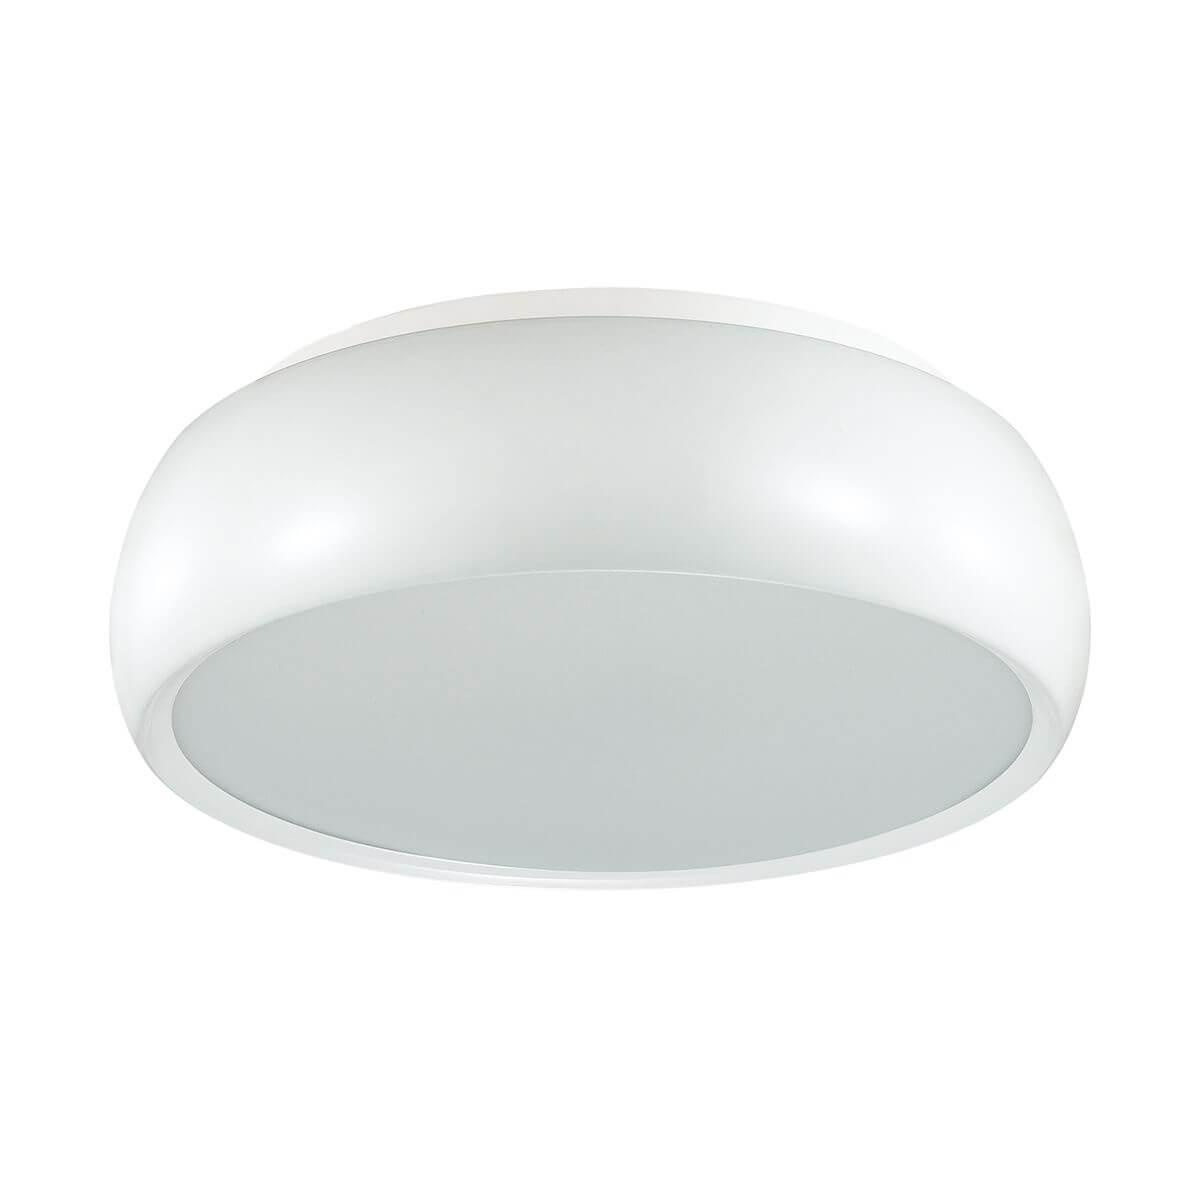 Накладной светильник Lumion 4413/3C, E27, 60 Вт потолочный светильник lumion 4415 3c